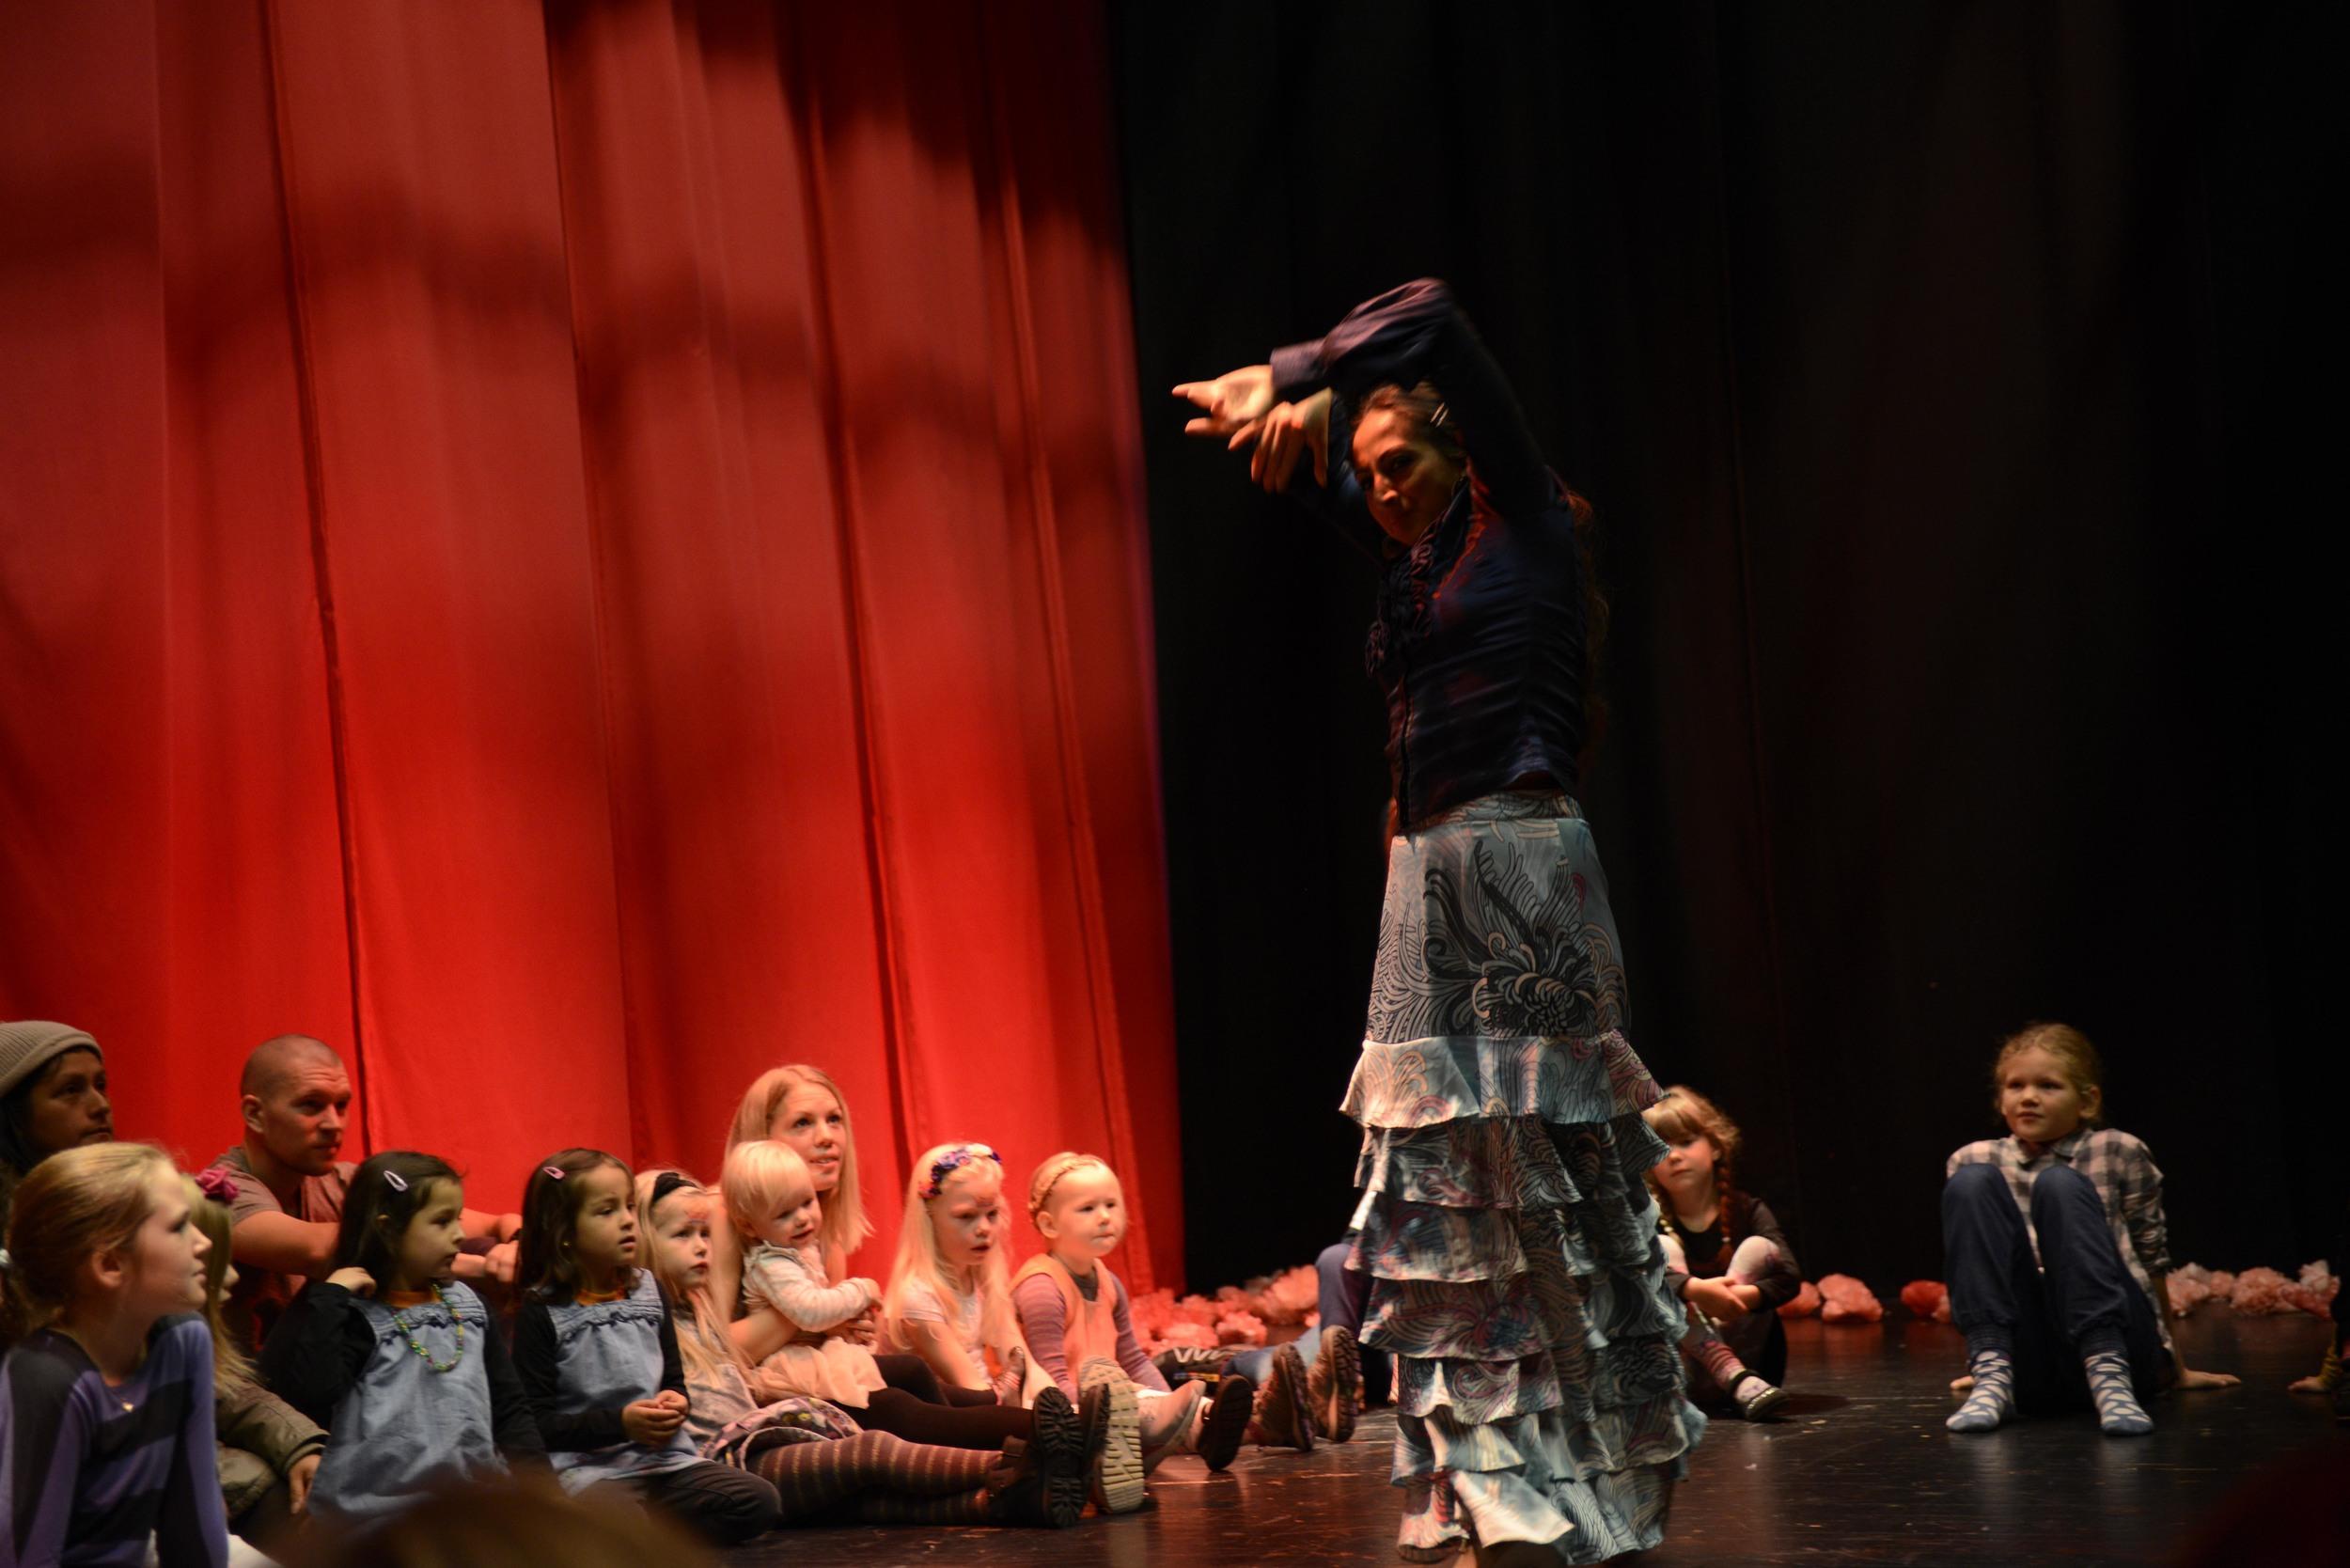 Flamenco_ARU0483 (6).JPG